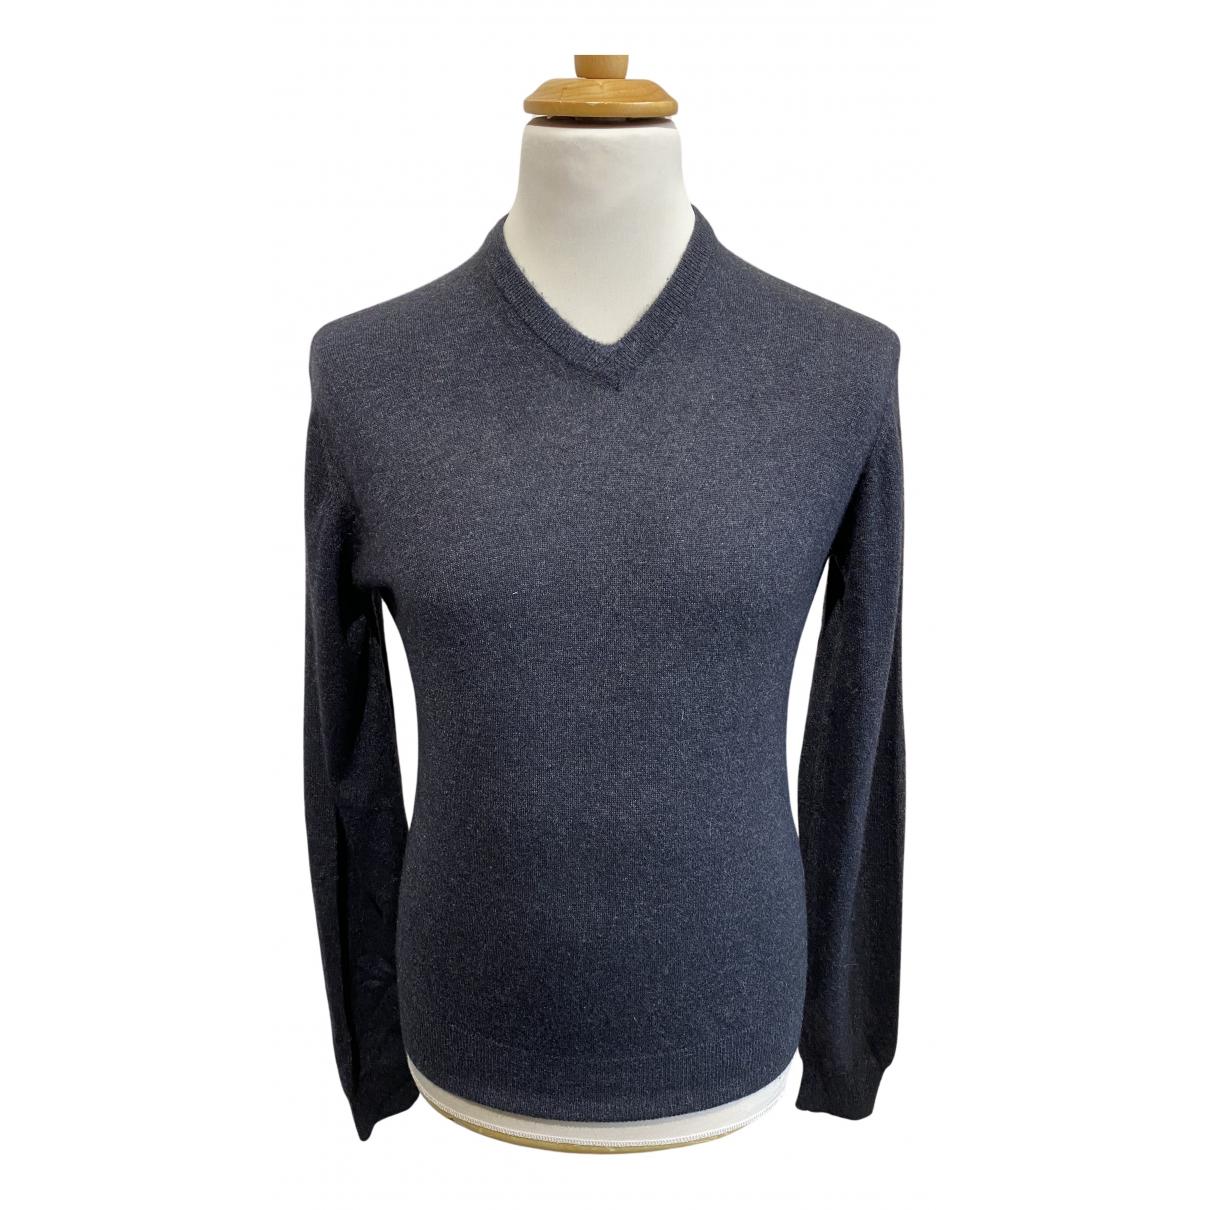 Hackett London N Grey Cashmere Knitwear & Sweatshirts for Men S International